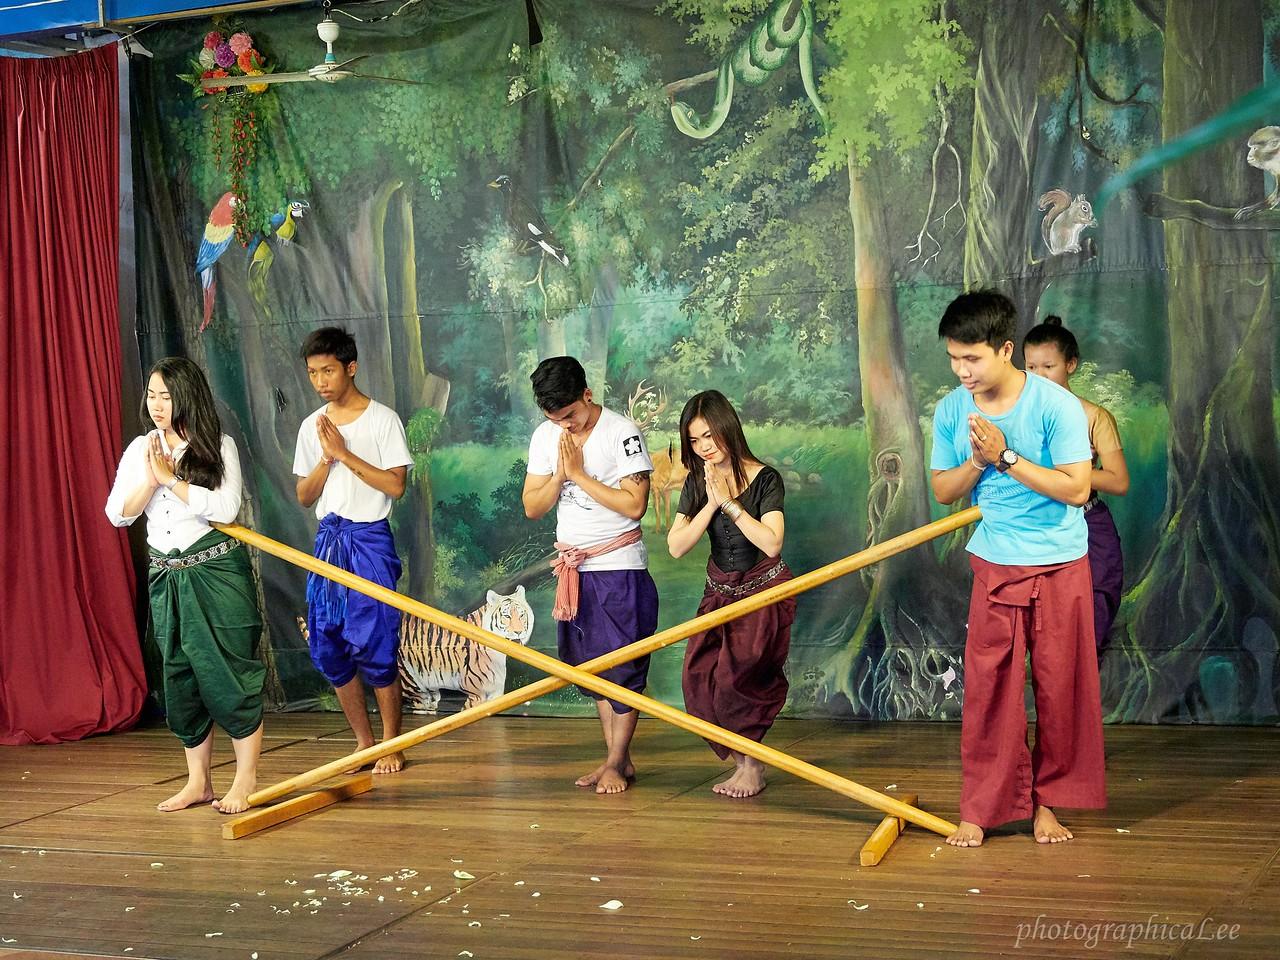 Apsara school of dance